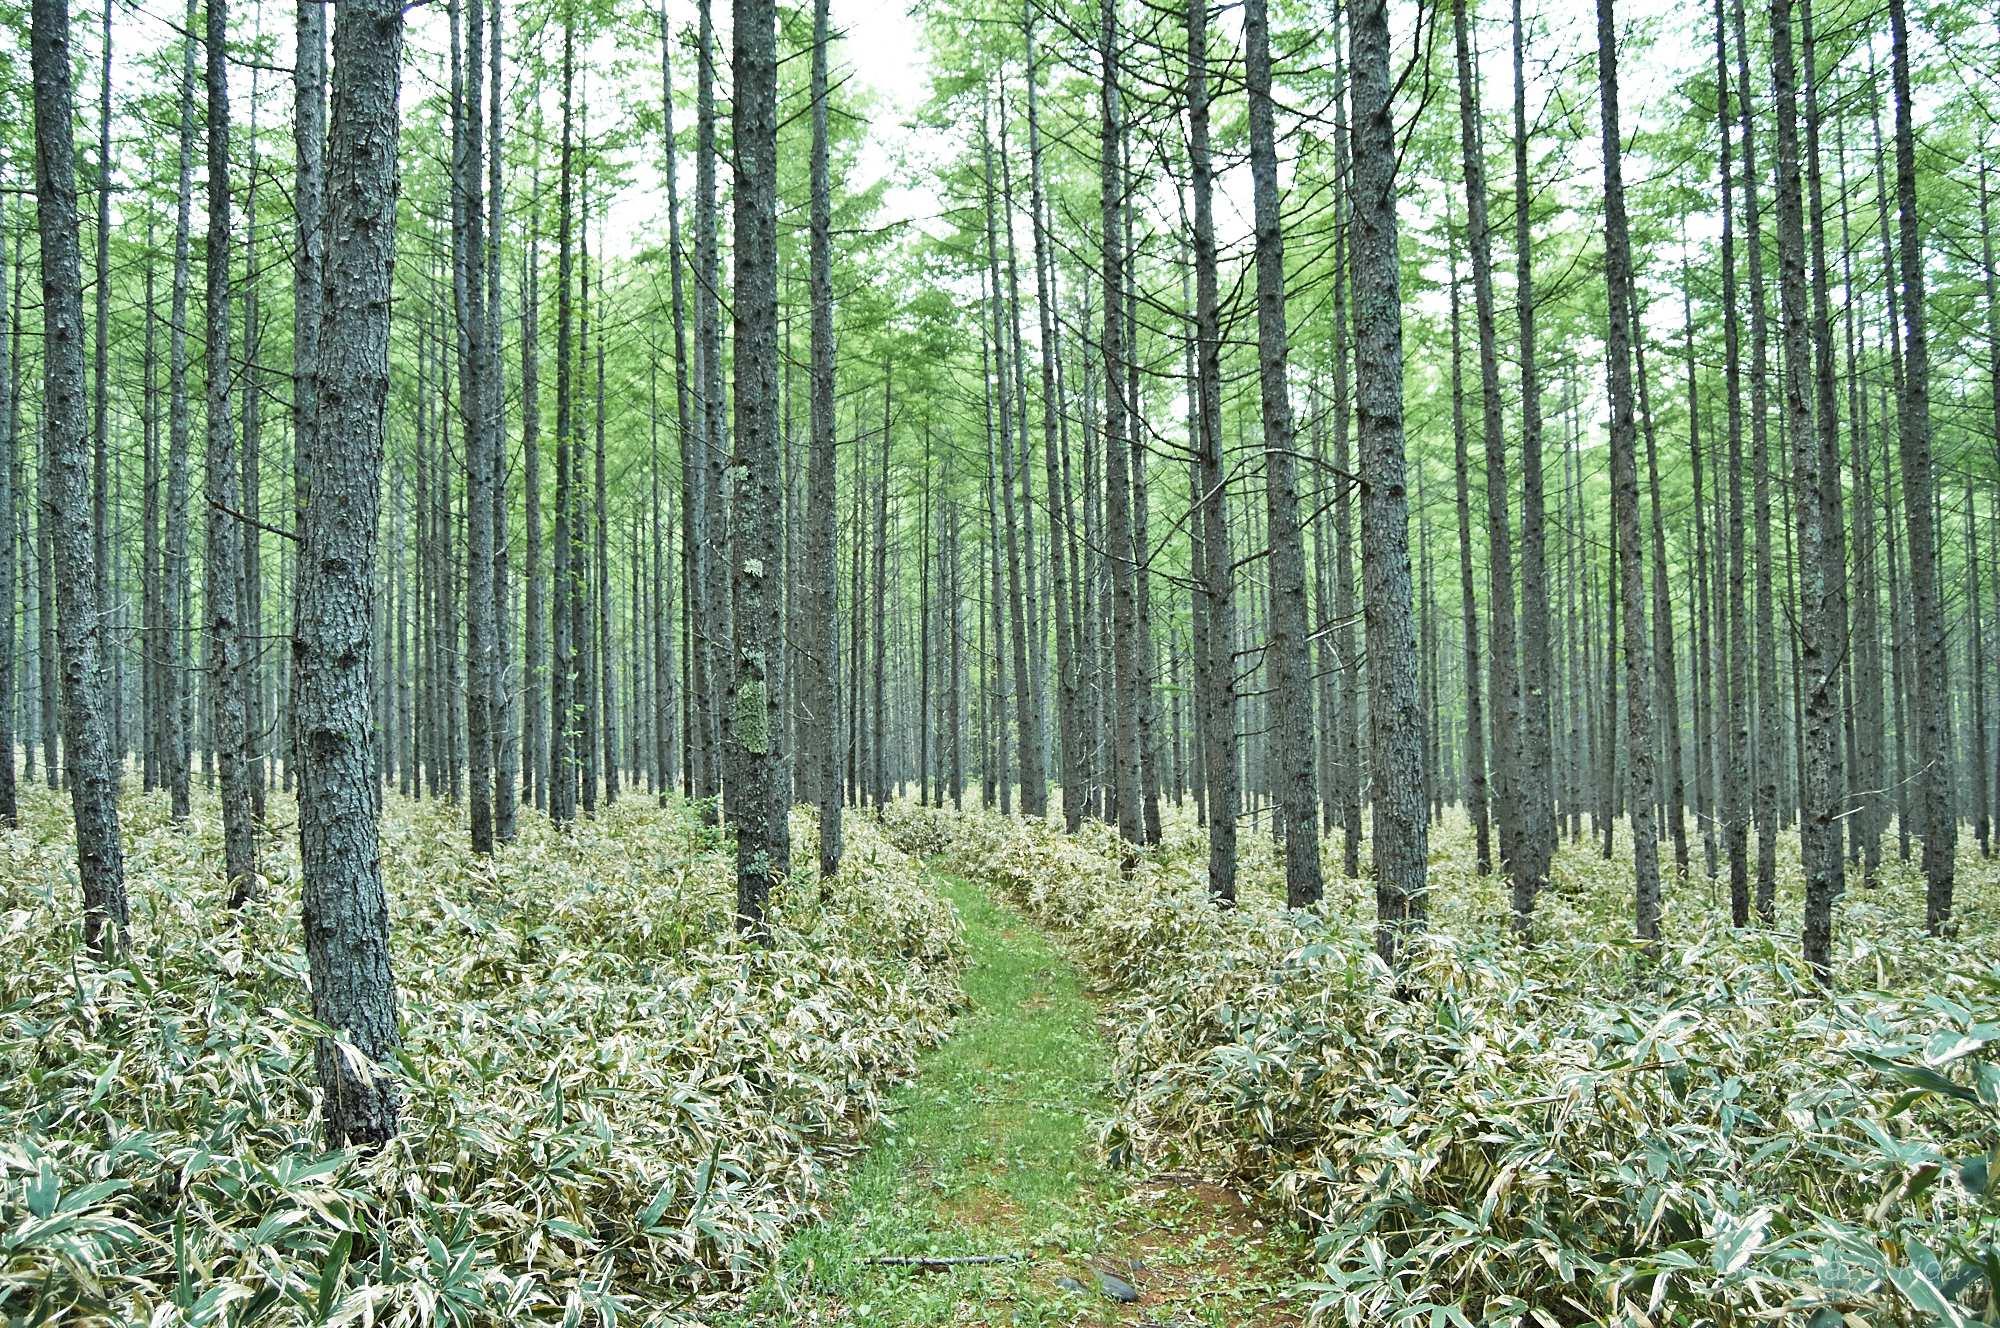 裏男体山林道の針葉樹林